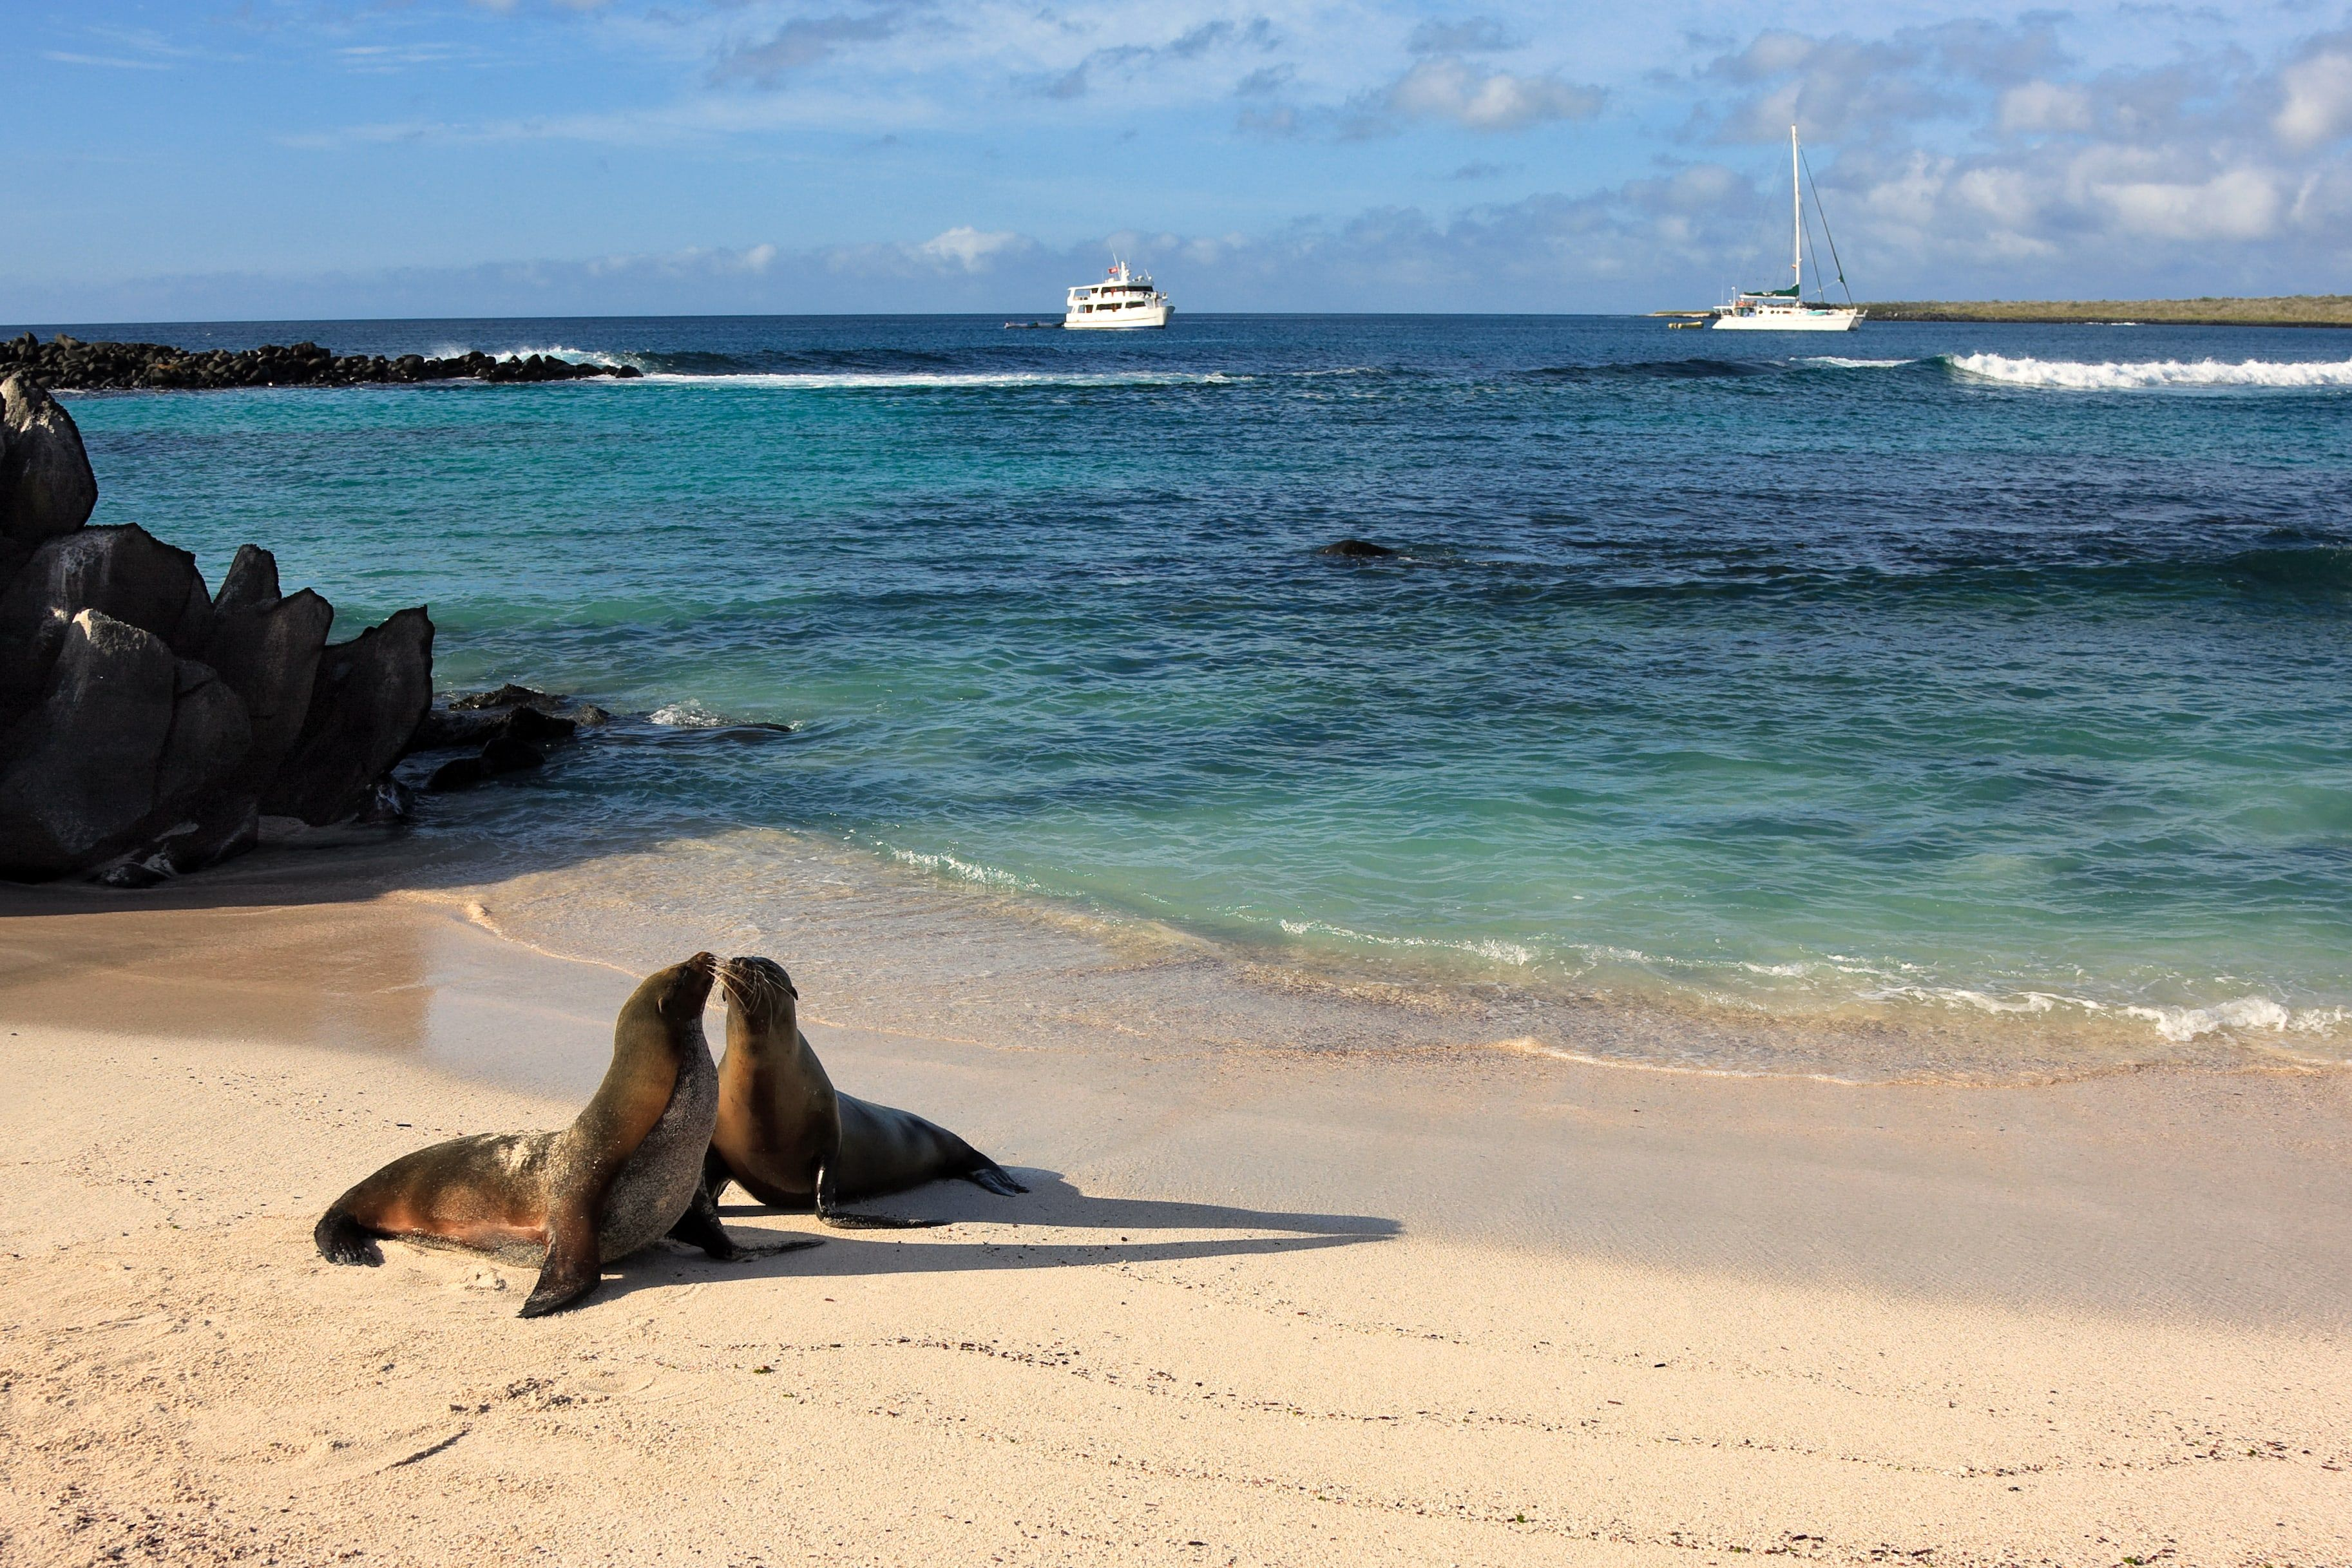 Les îles galapagos, un voyage de noces en croisière au plus proche de la nature